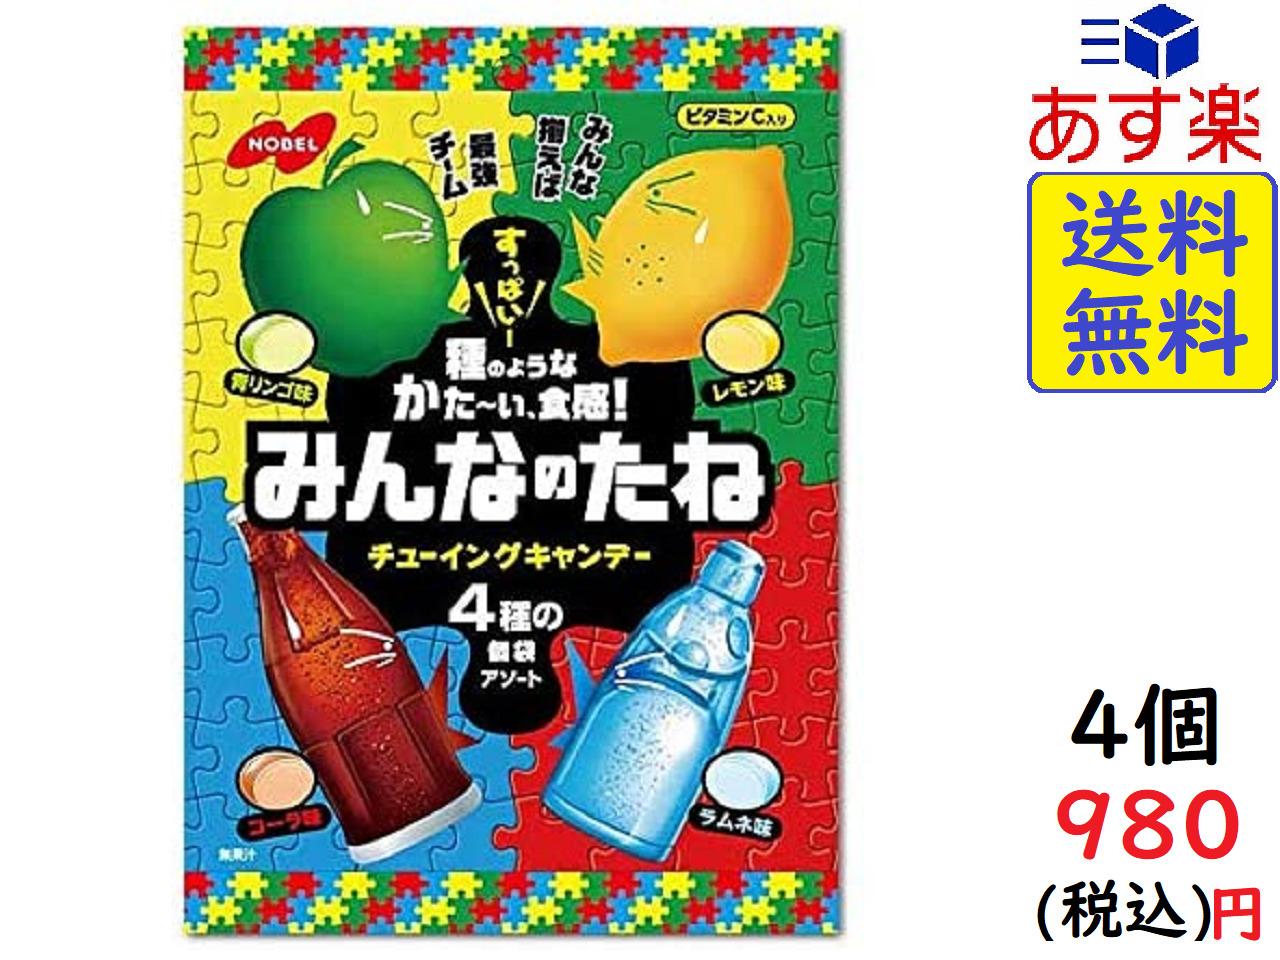 【送料無料】【あす楽対応】【ポスト投函】 ノーベル みんなのたね ( 青りんご ・ レモン ・ コーラ ・ ソーダ ) 88g ×4個賞味期限2022/07